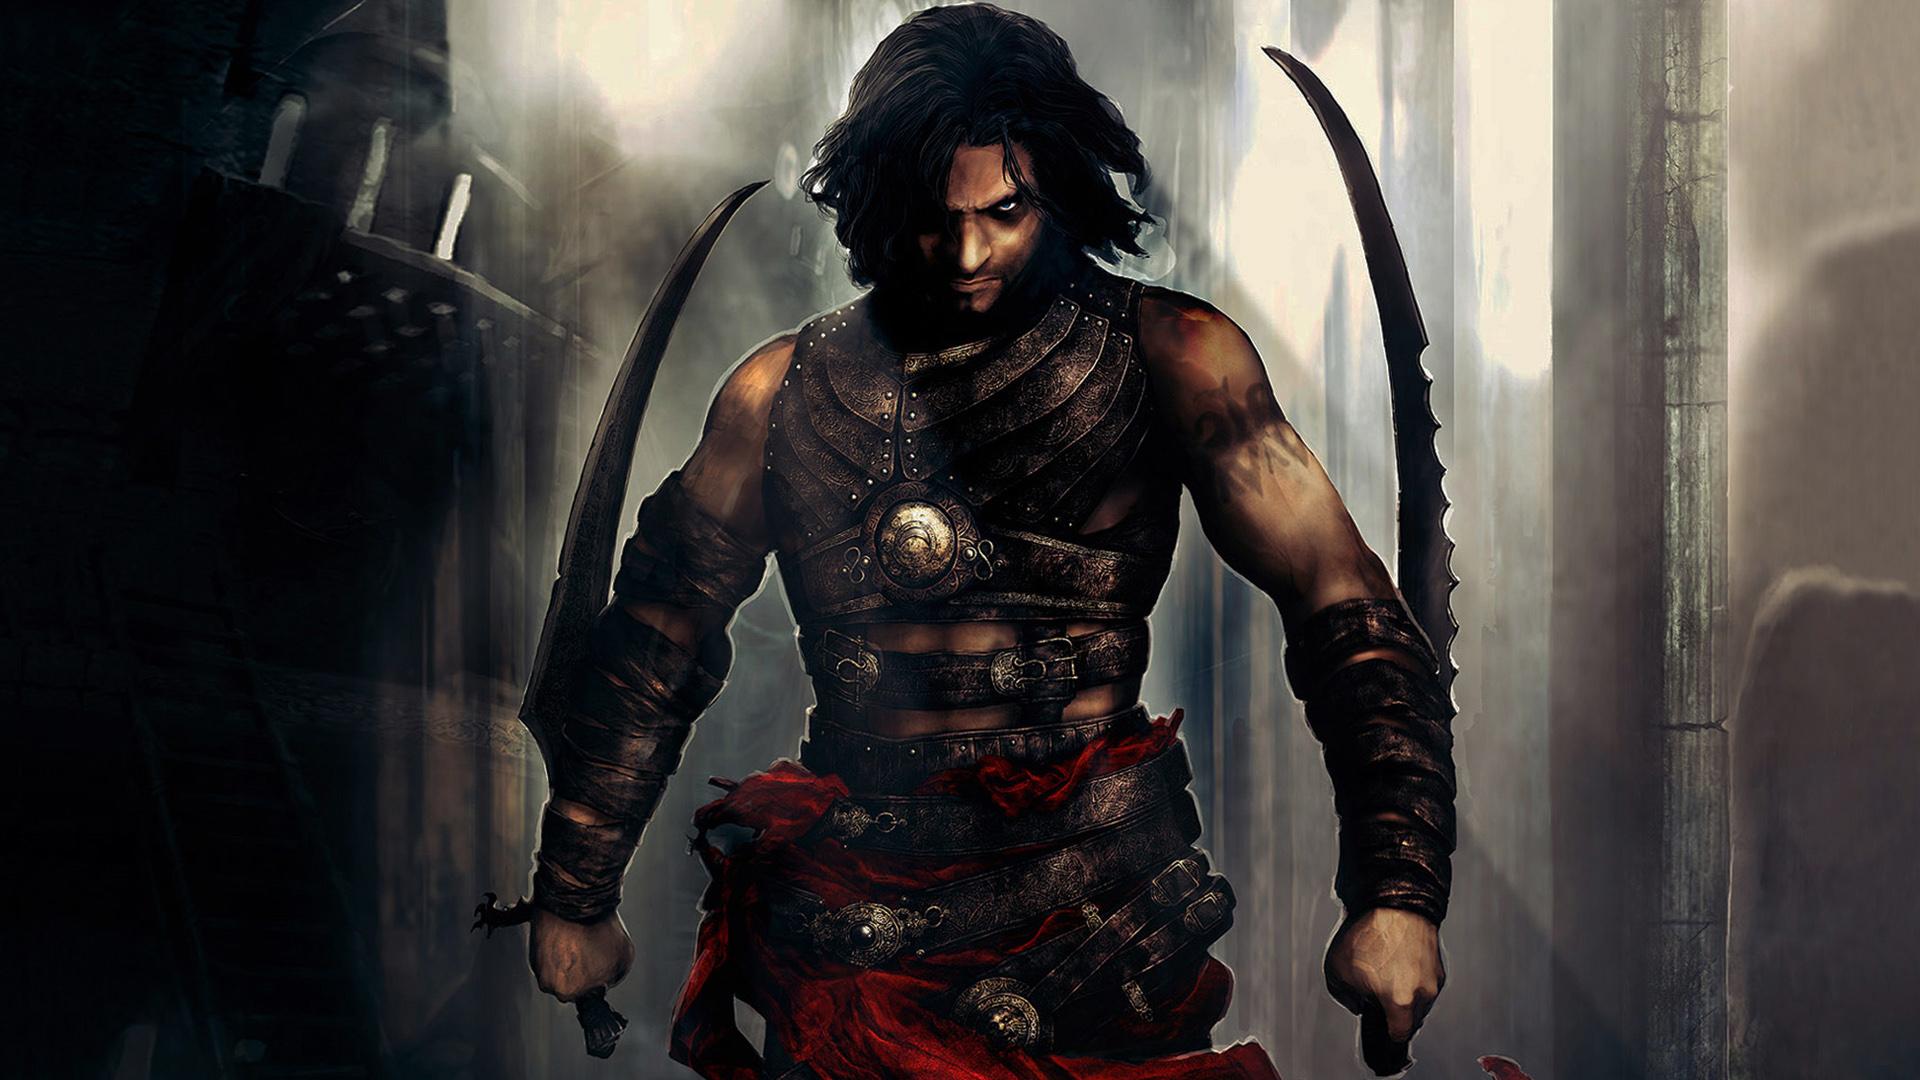 Принц Персии: Схватка с судьбой